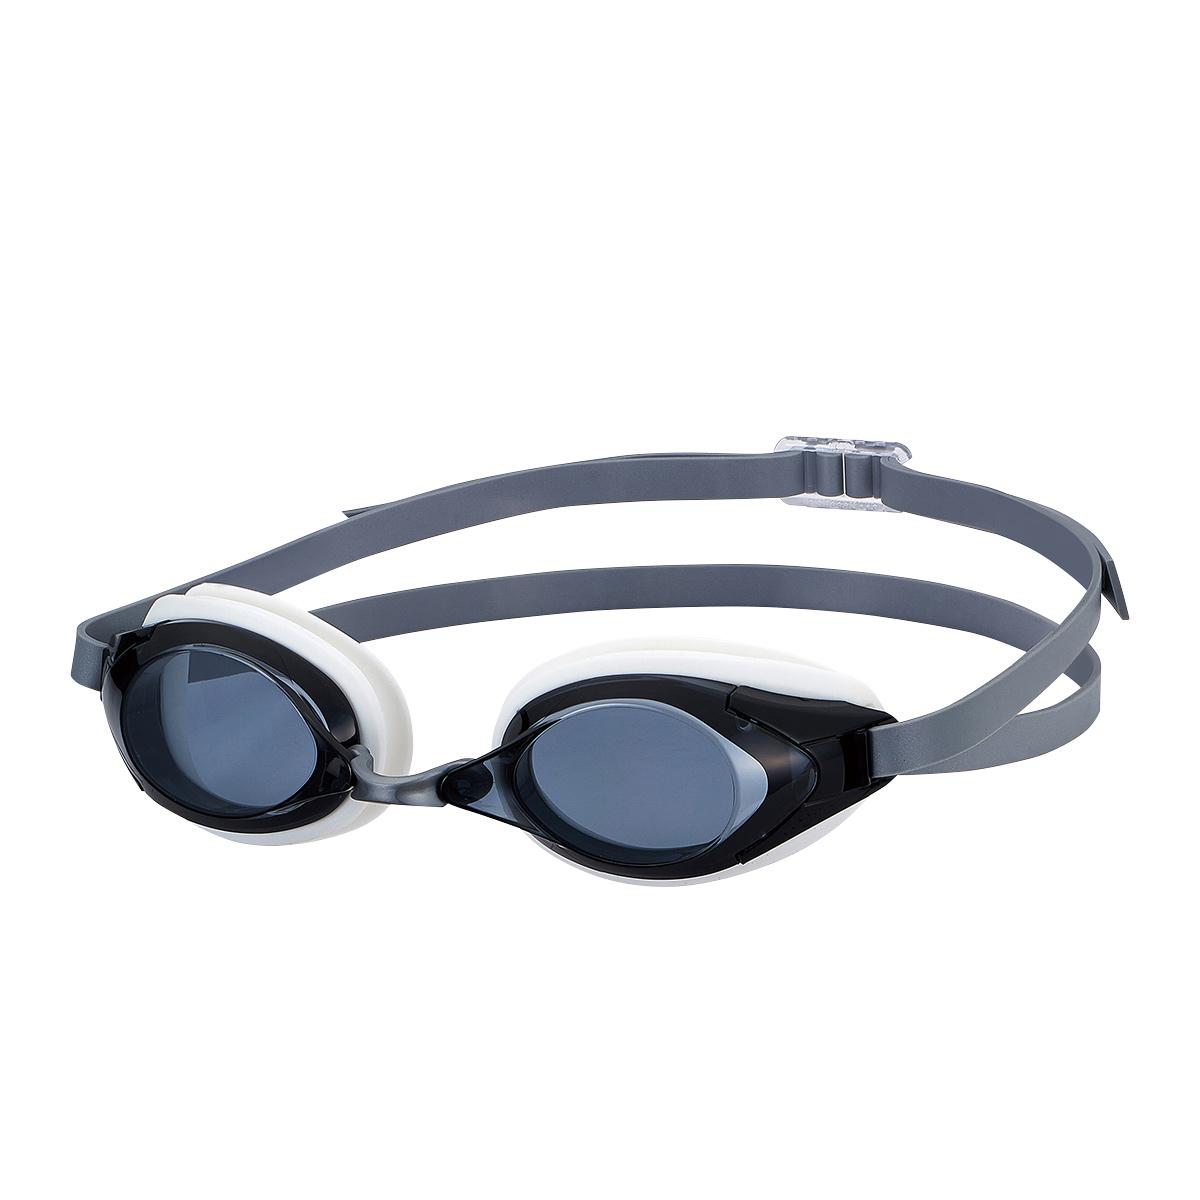 عینک شنا سوانز مدل SR-2N-W